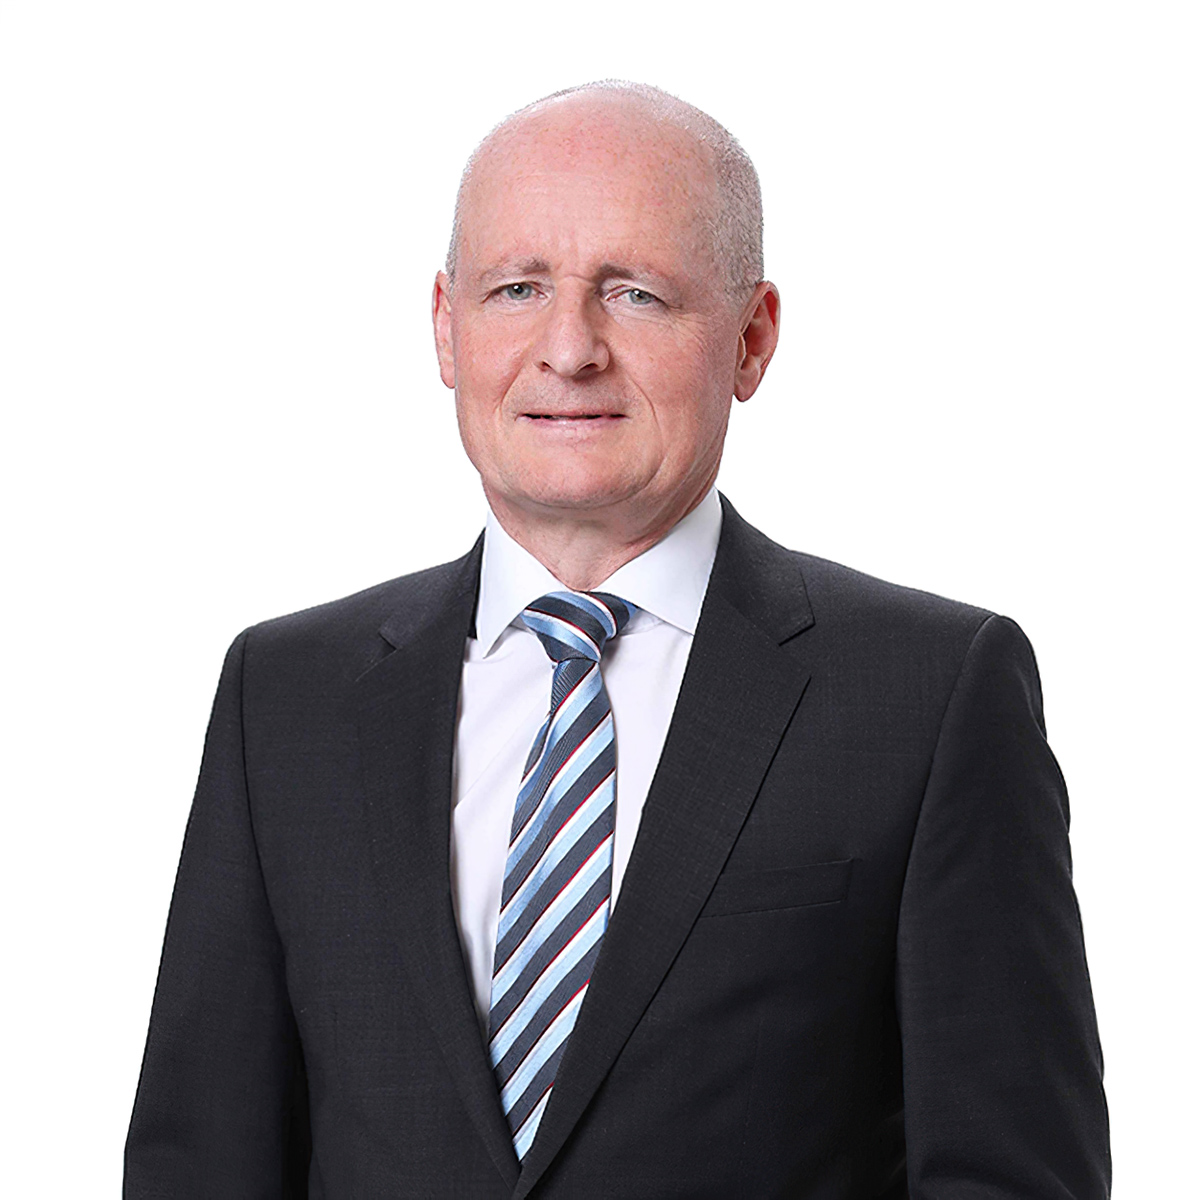 Andreas Schurti